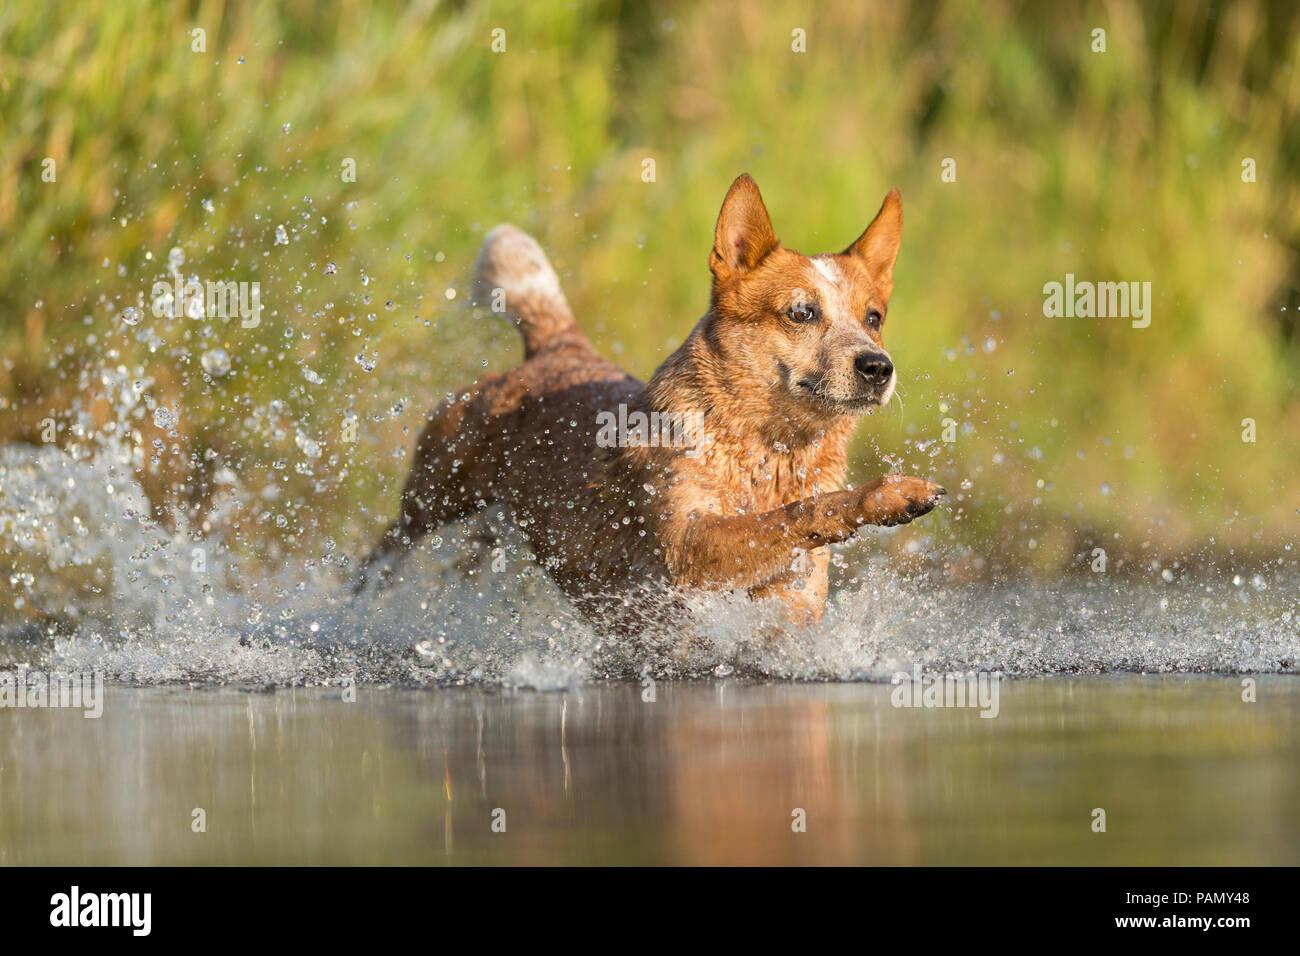 Australian Cattle Dog running through splashing water. Germany.. Stock Photo